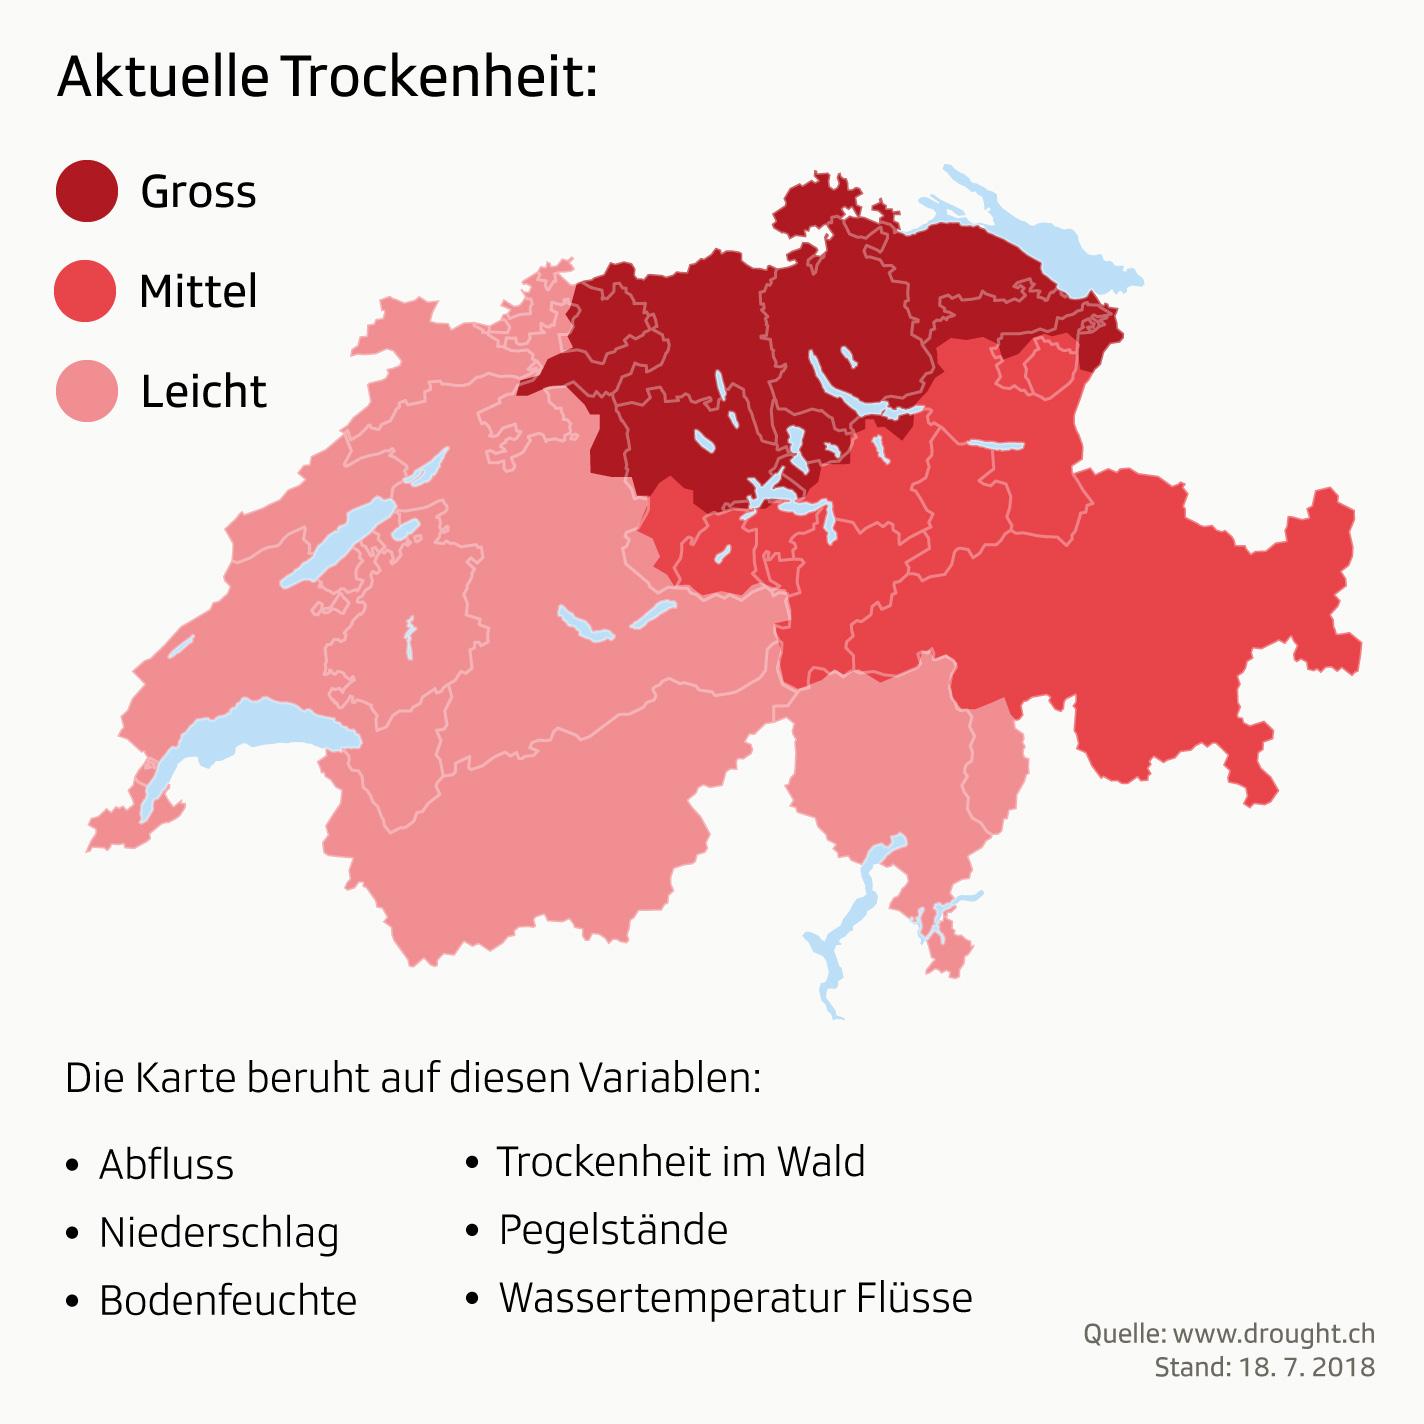 Aktuelle Trockenheit in der Schweiz